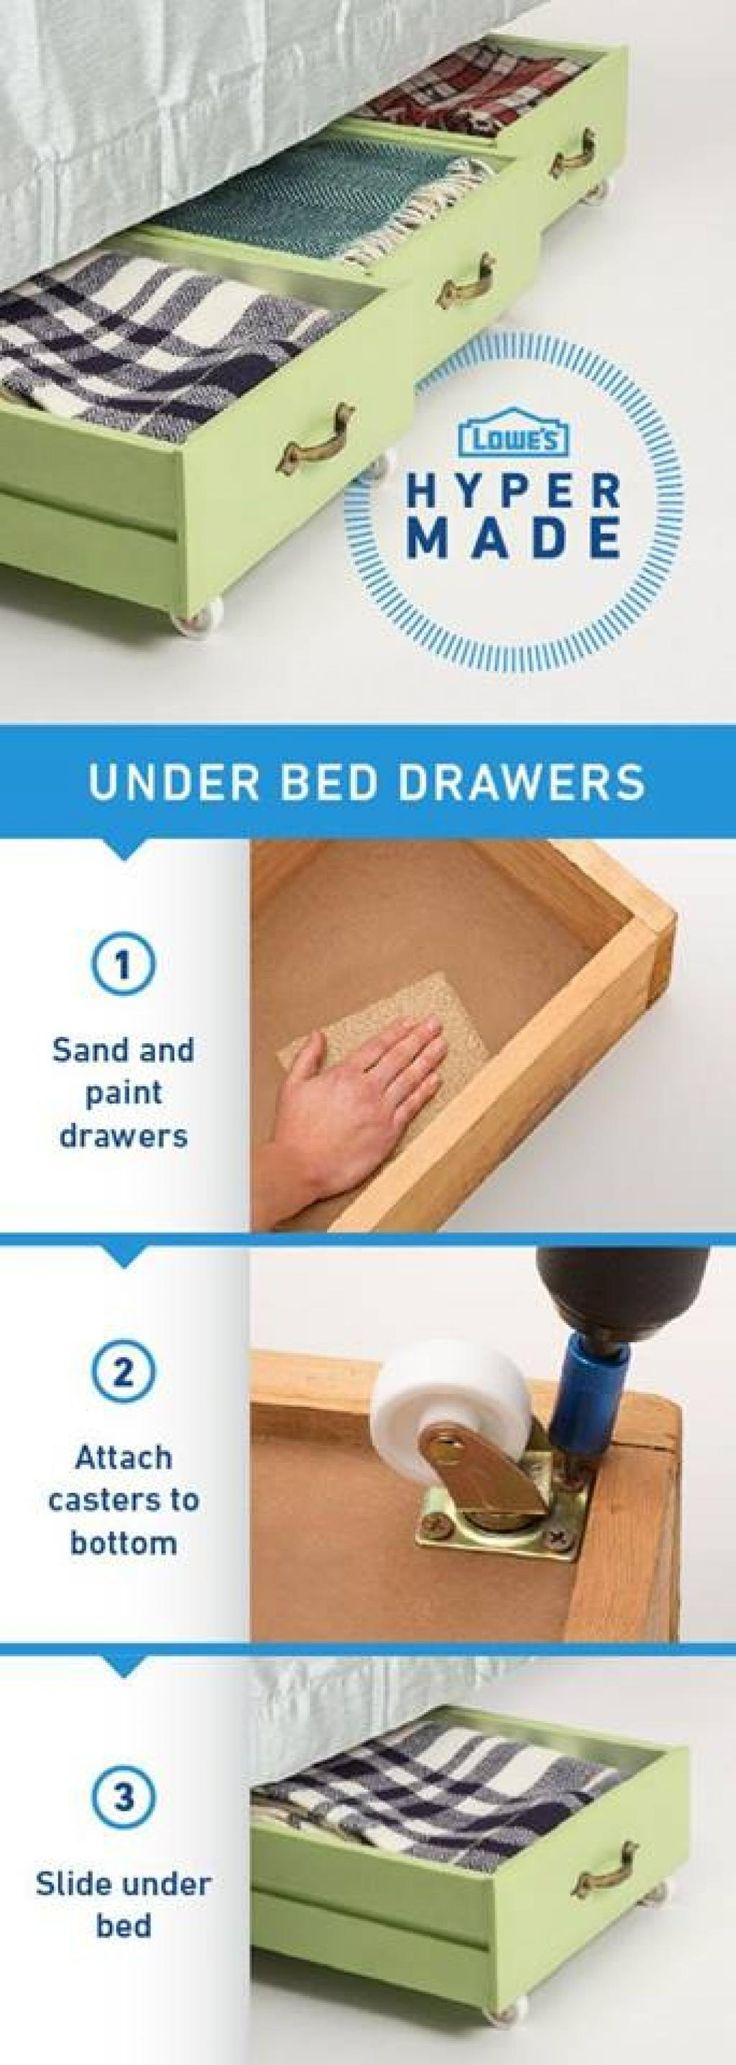 23 façons de réutiliser vos vieux tiroirs... Vraiment GÉNIAL!!! - Décorations - Trucs et Bricolages